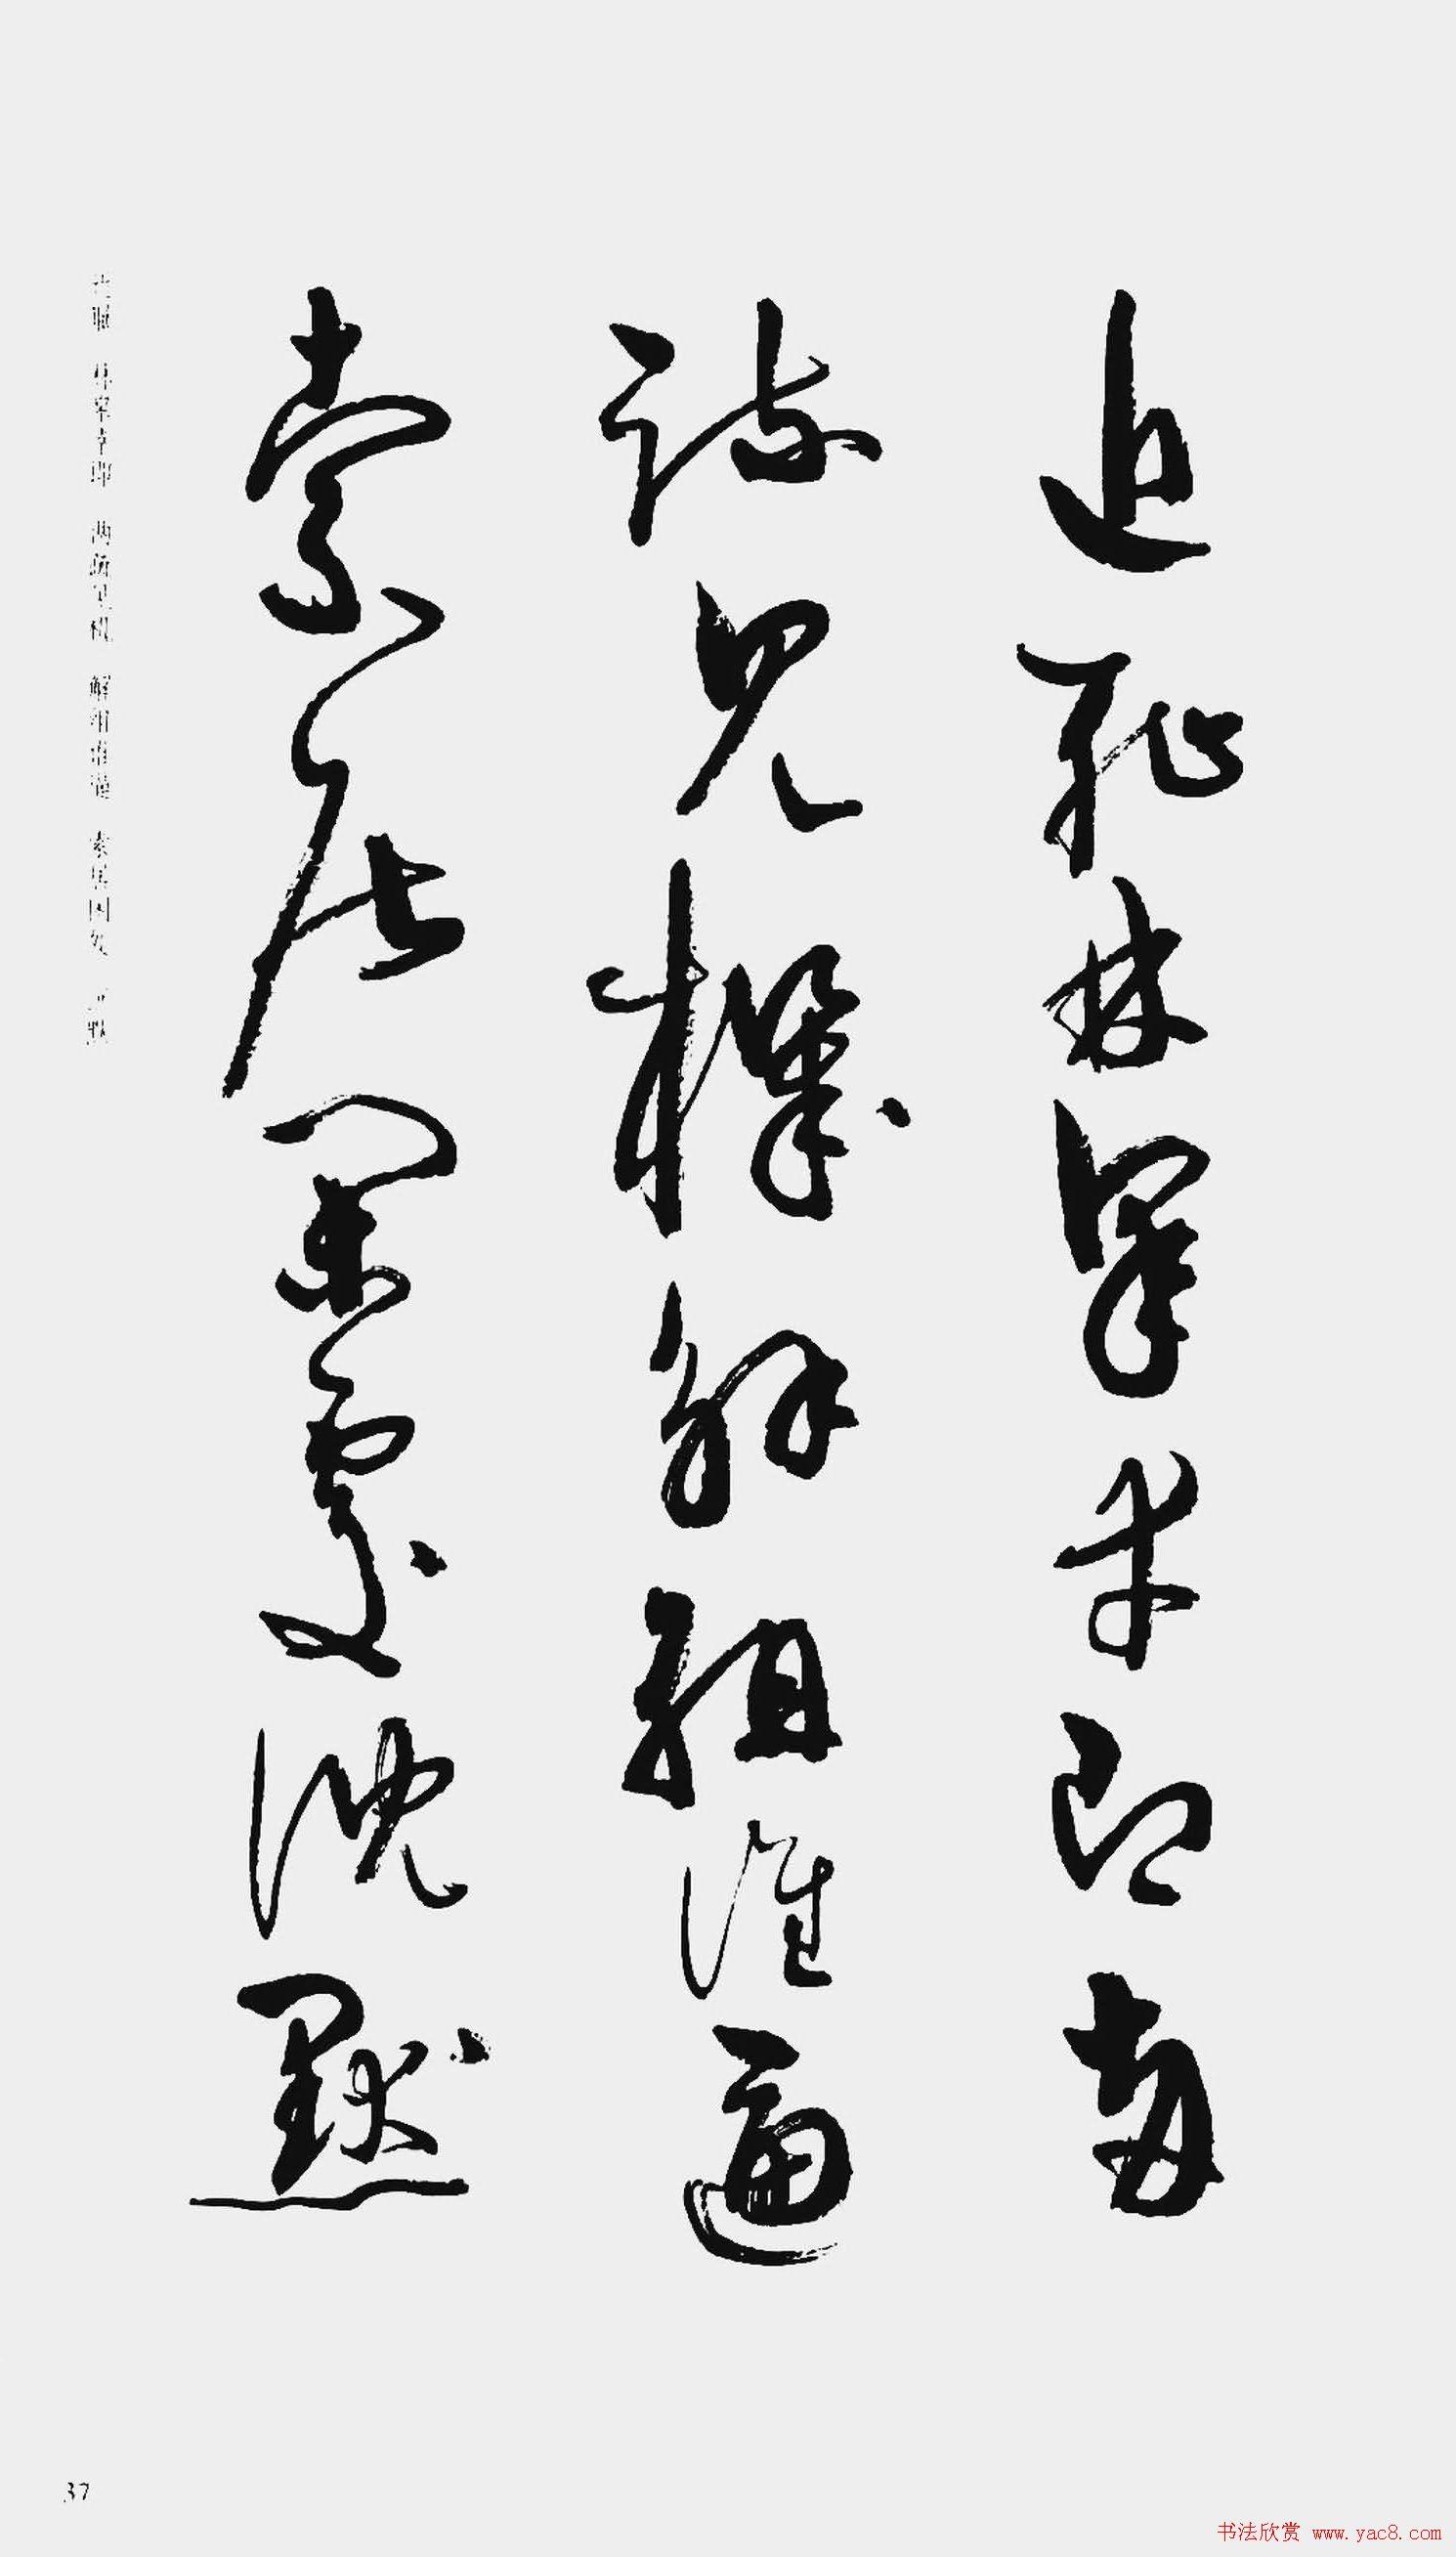 内容摘要:周慧珺,1939年12月出生,浙江镇海人。现为上海中国画院一级美术师、中国书法家协会副主席、上海书法家协会主席、上海市文联副主席。艺术年表1962年参加上海市青年宫书法学习班。得到沈尹默、拱德邻、翁闿运等着名书法家亲授。以节临米芾《蜀素贴》行书入选由上海中国书法篆刻研究会成立.